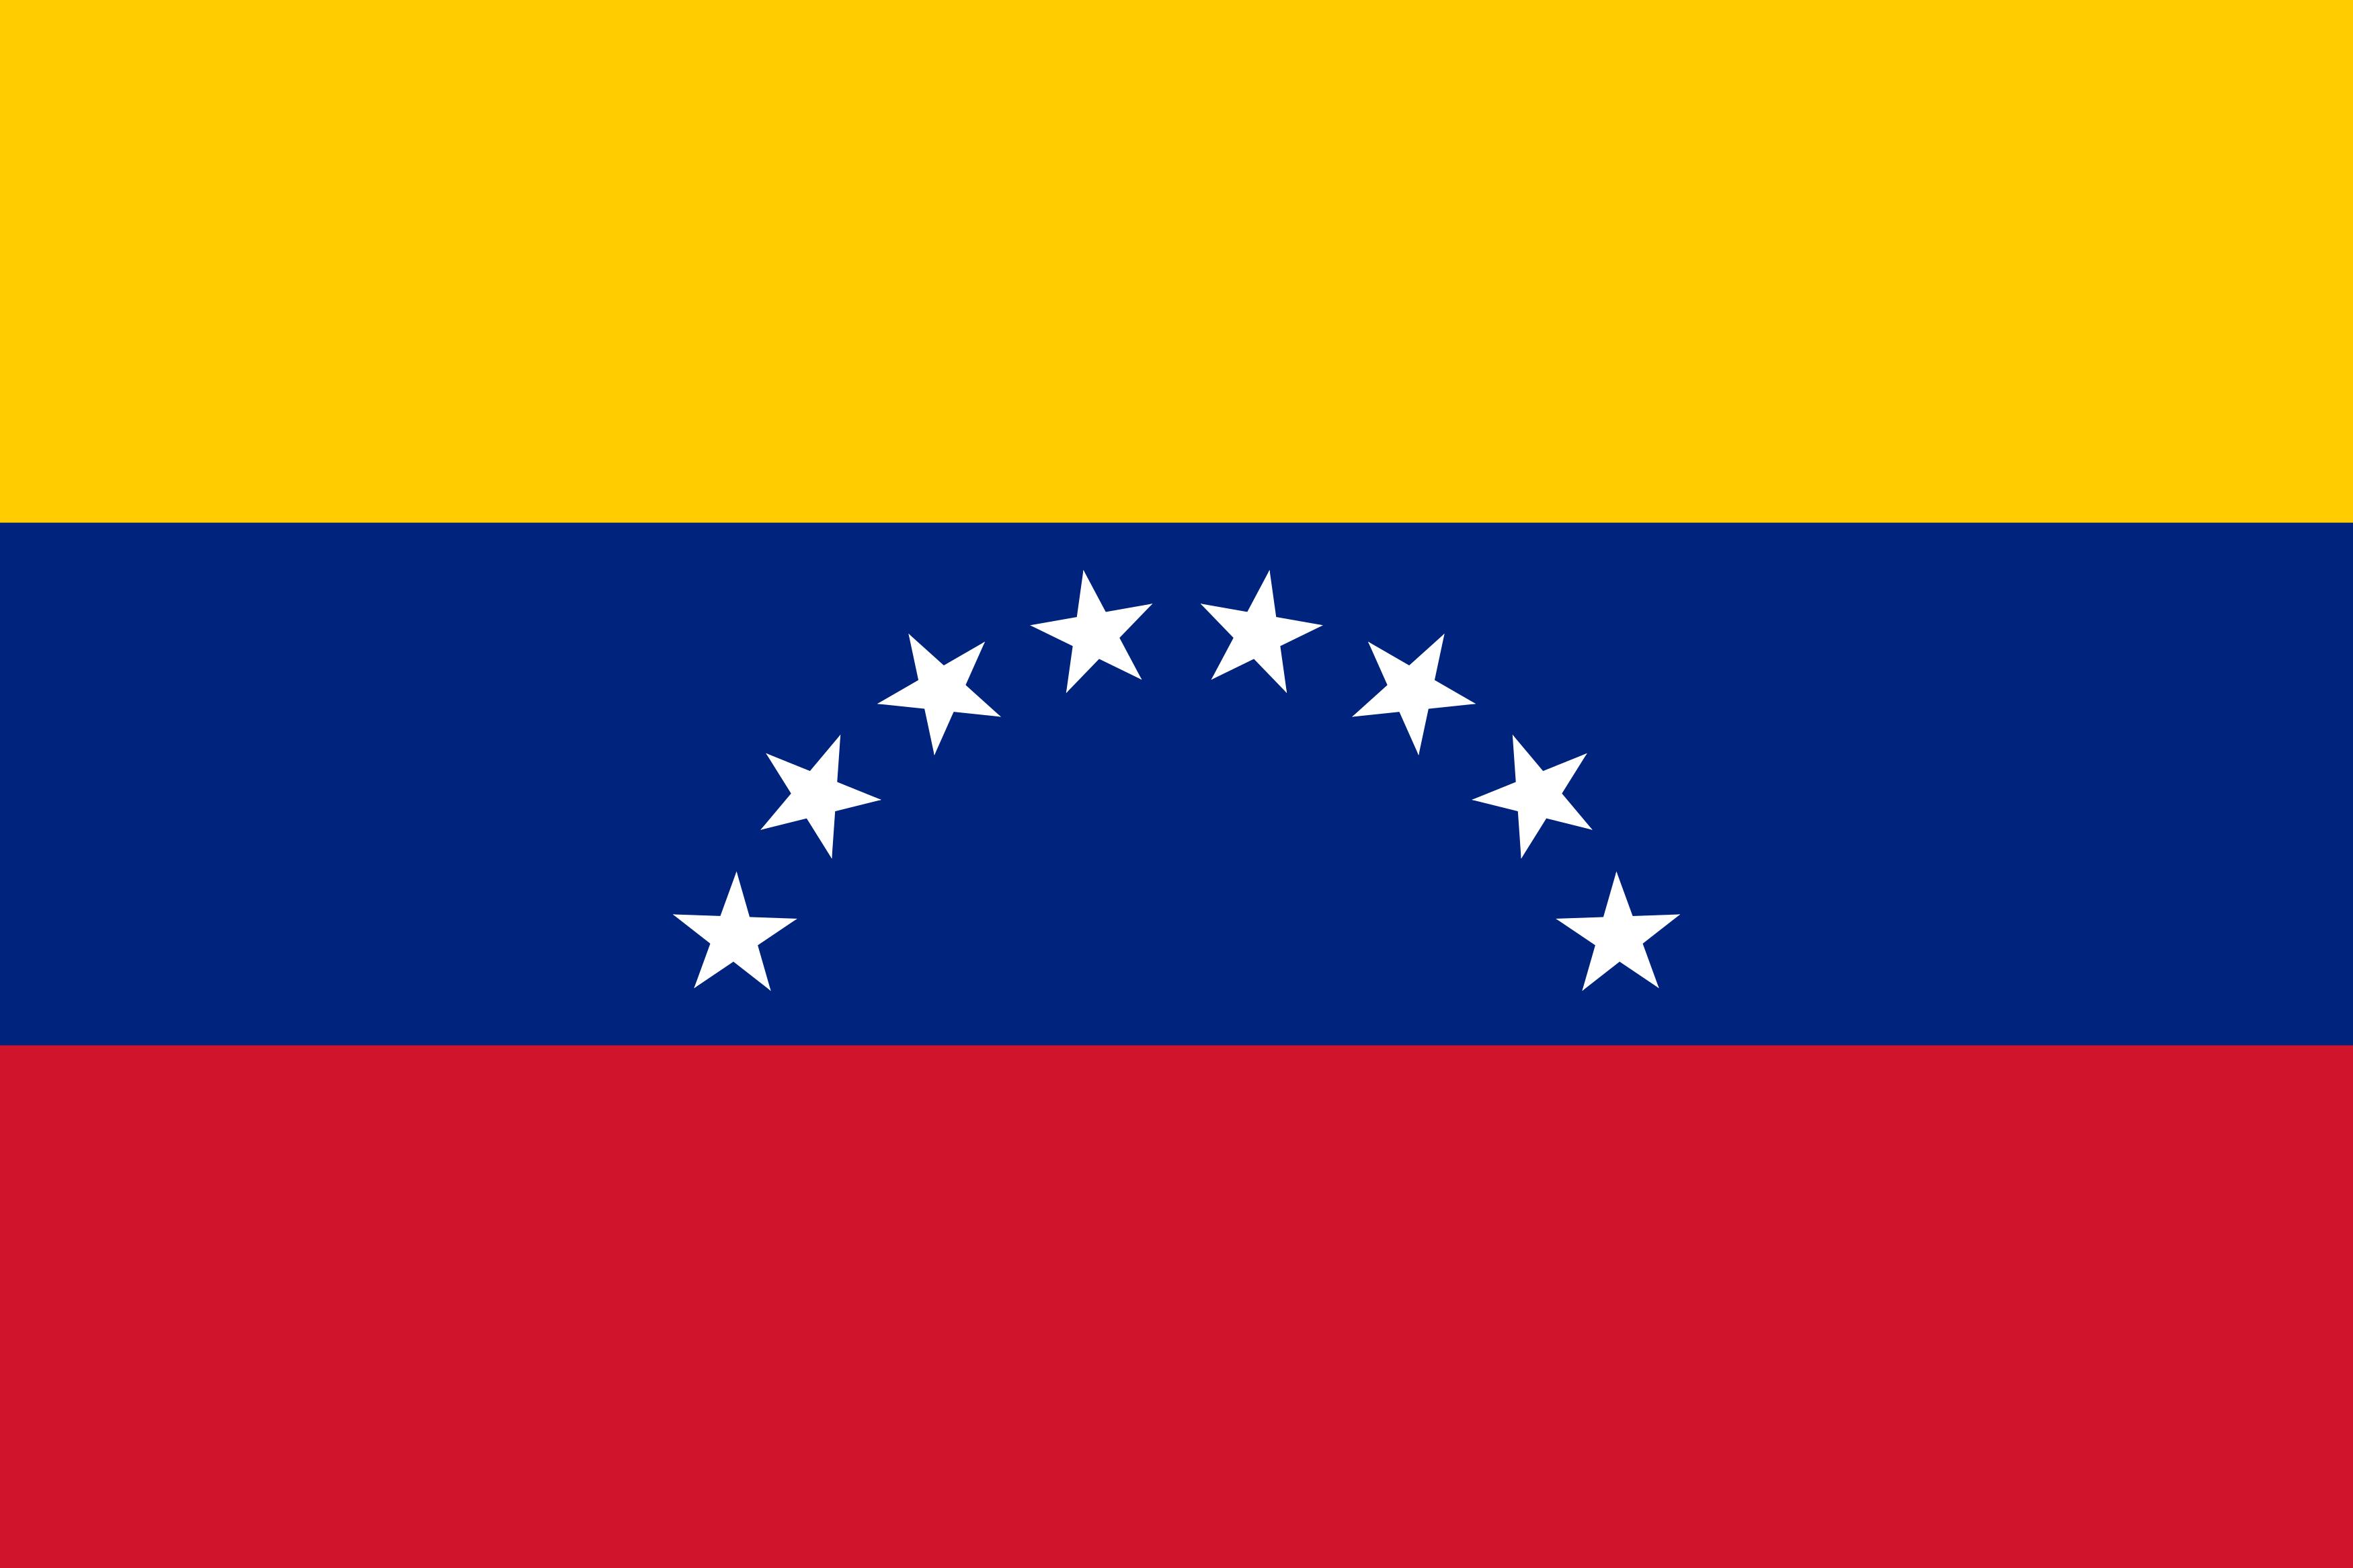 Bandeira da Venezuela.